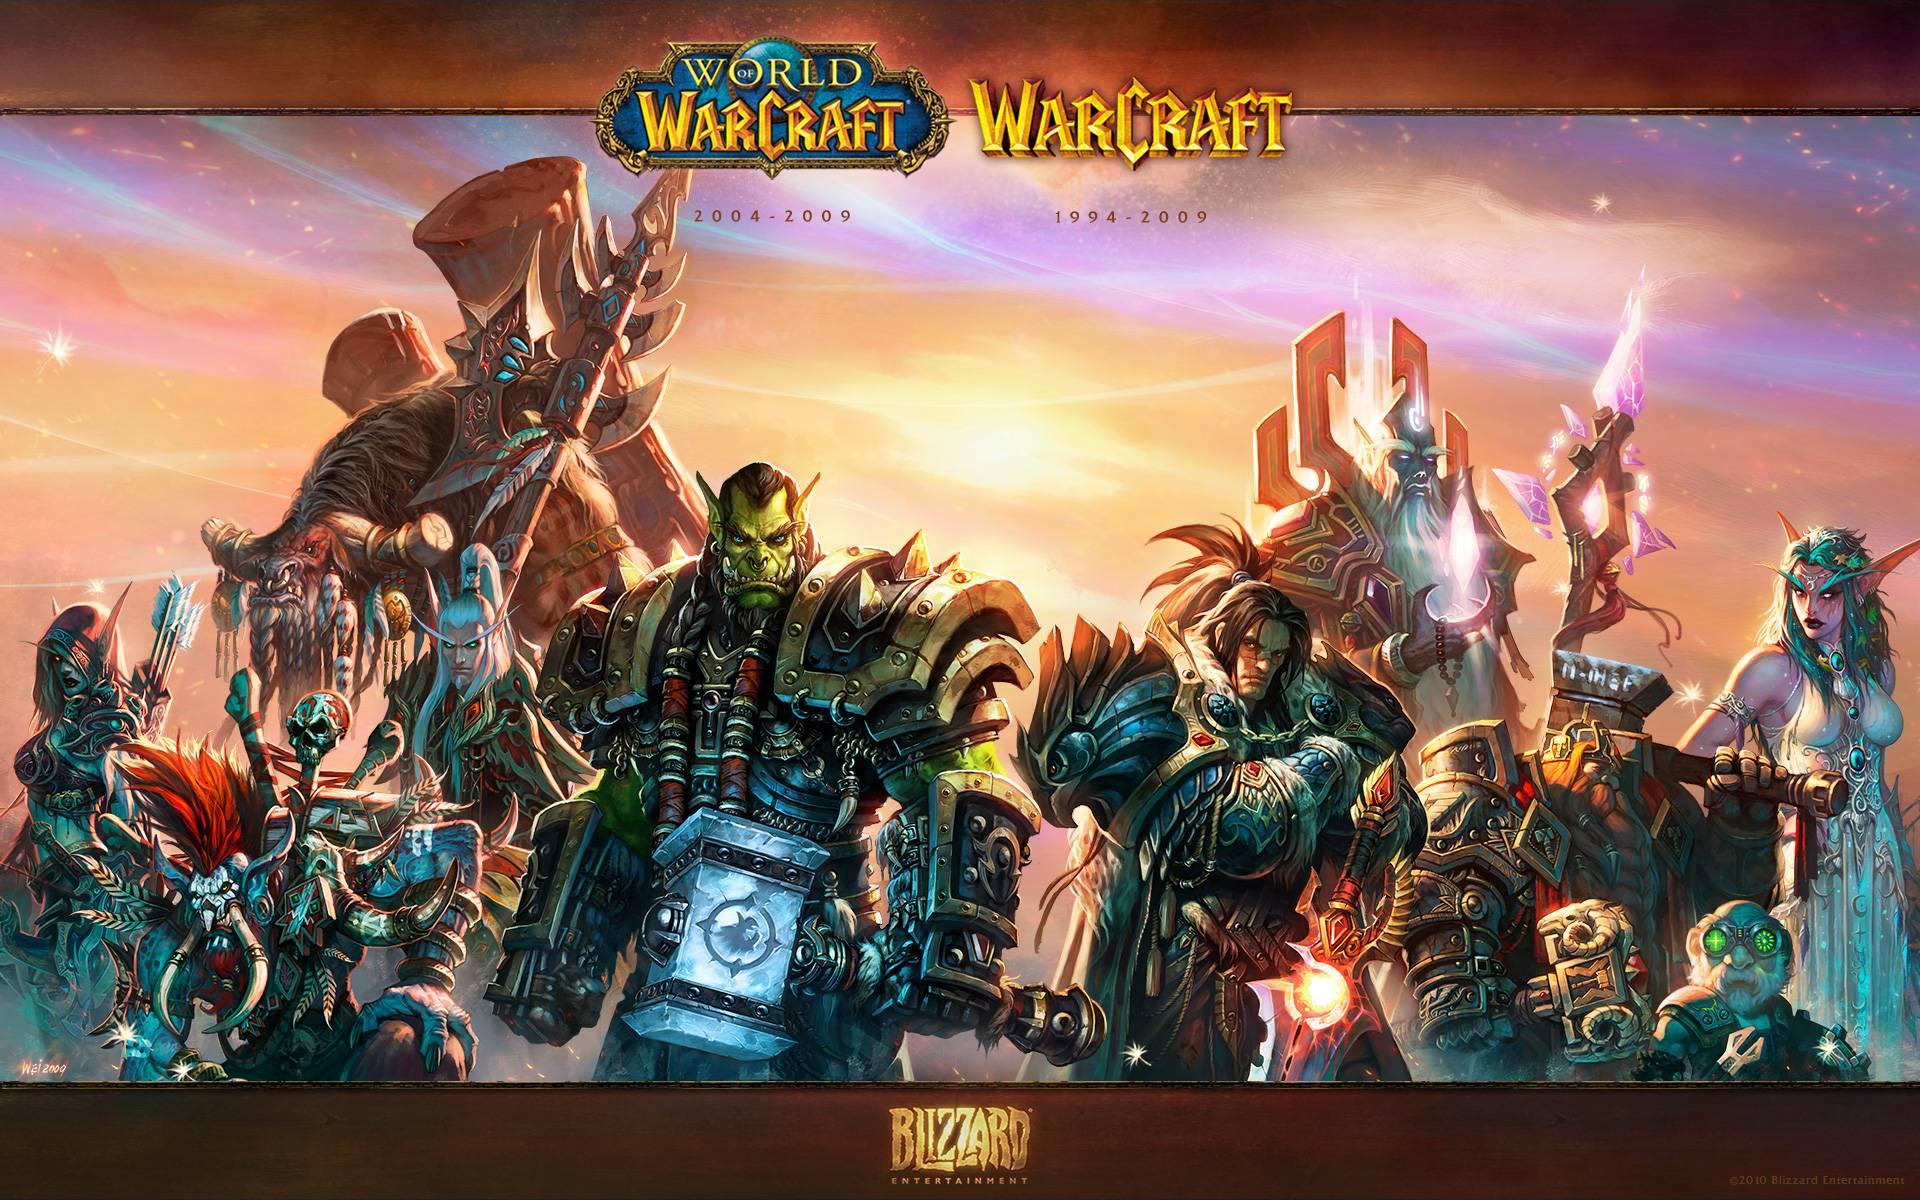 Klassenvorschau auf Legion: Schurke - WoW - World of Warcraft